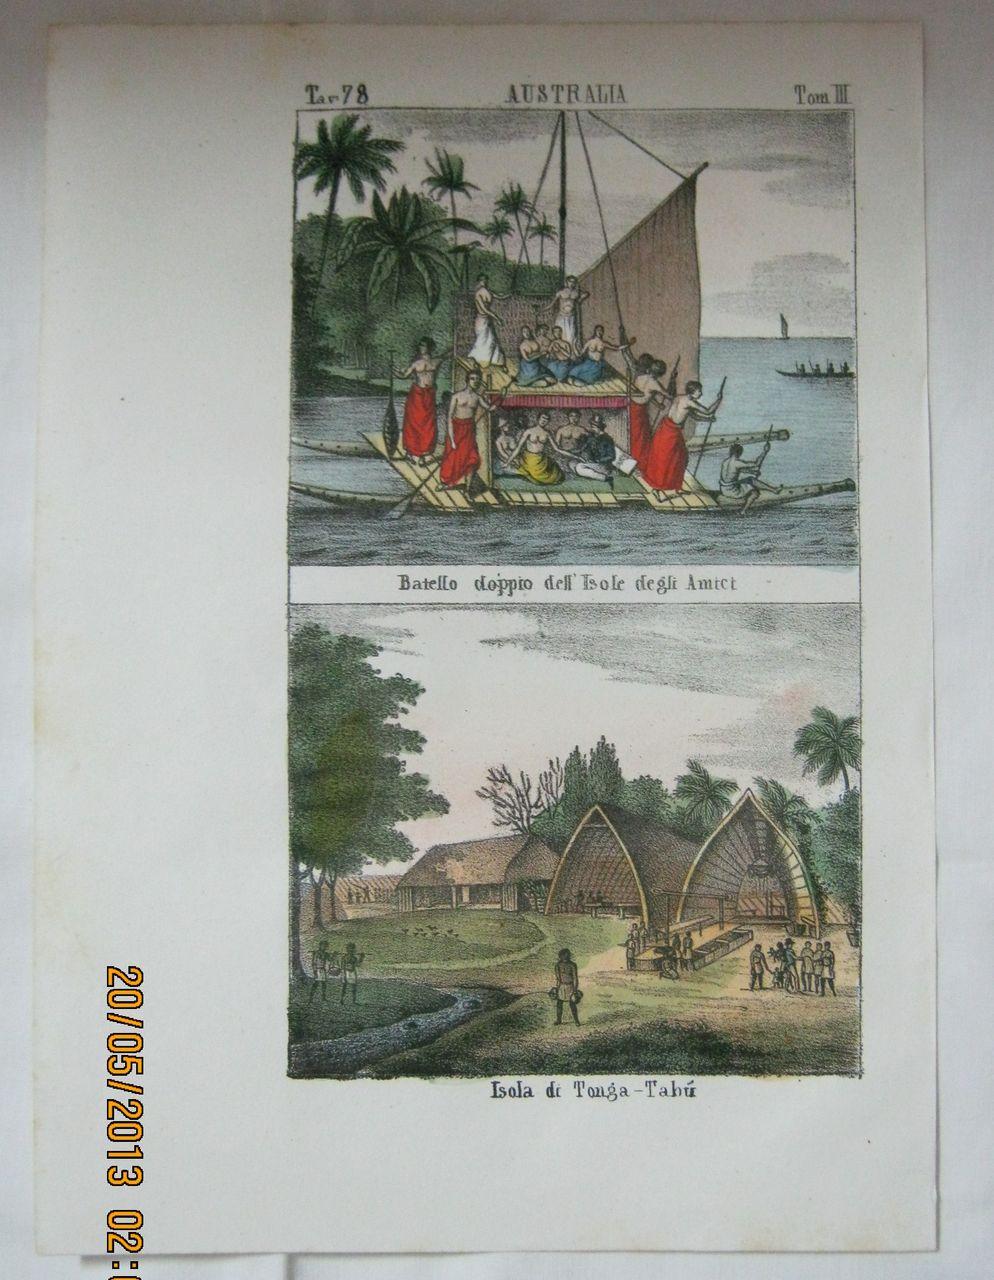 Original Page From The Galleria Universale di Popoli Del  Mondon - Venice 1841